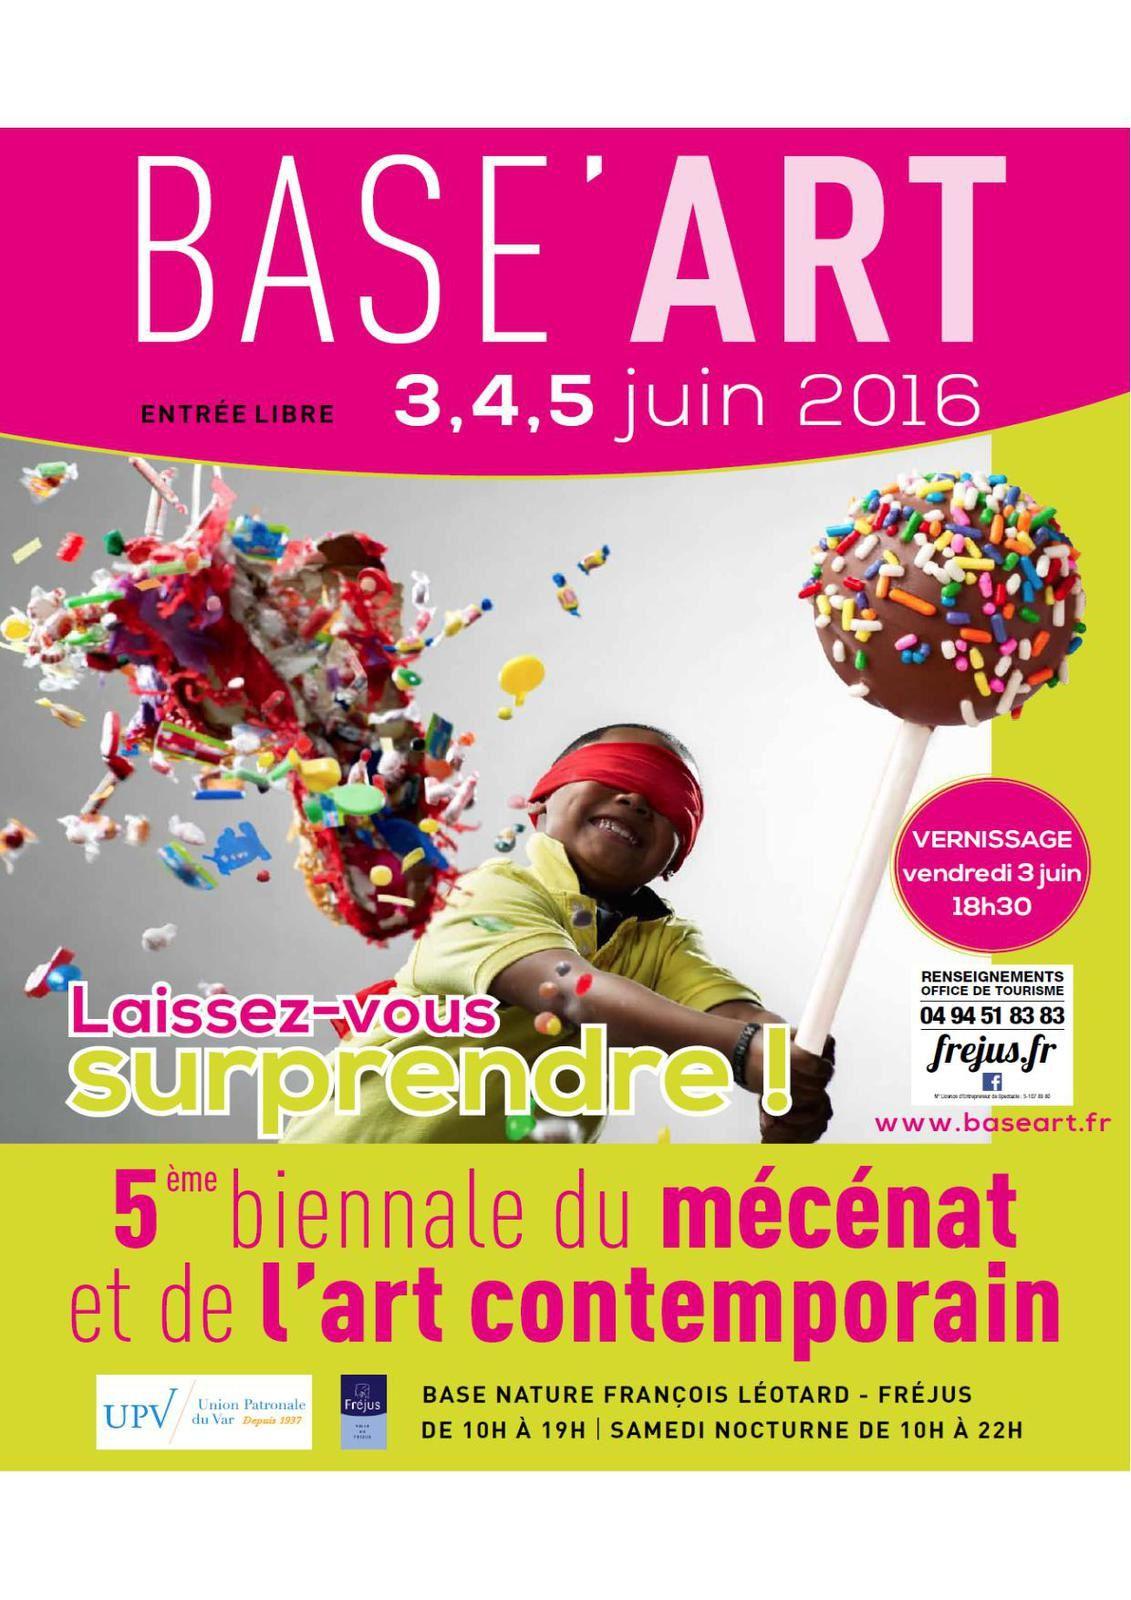 BASE'ART 2016